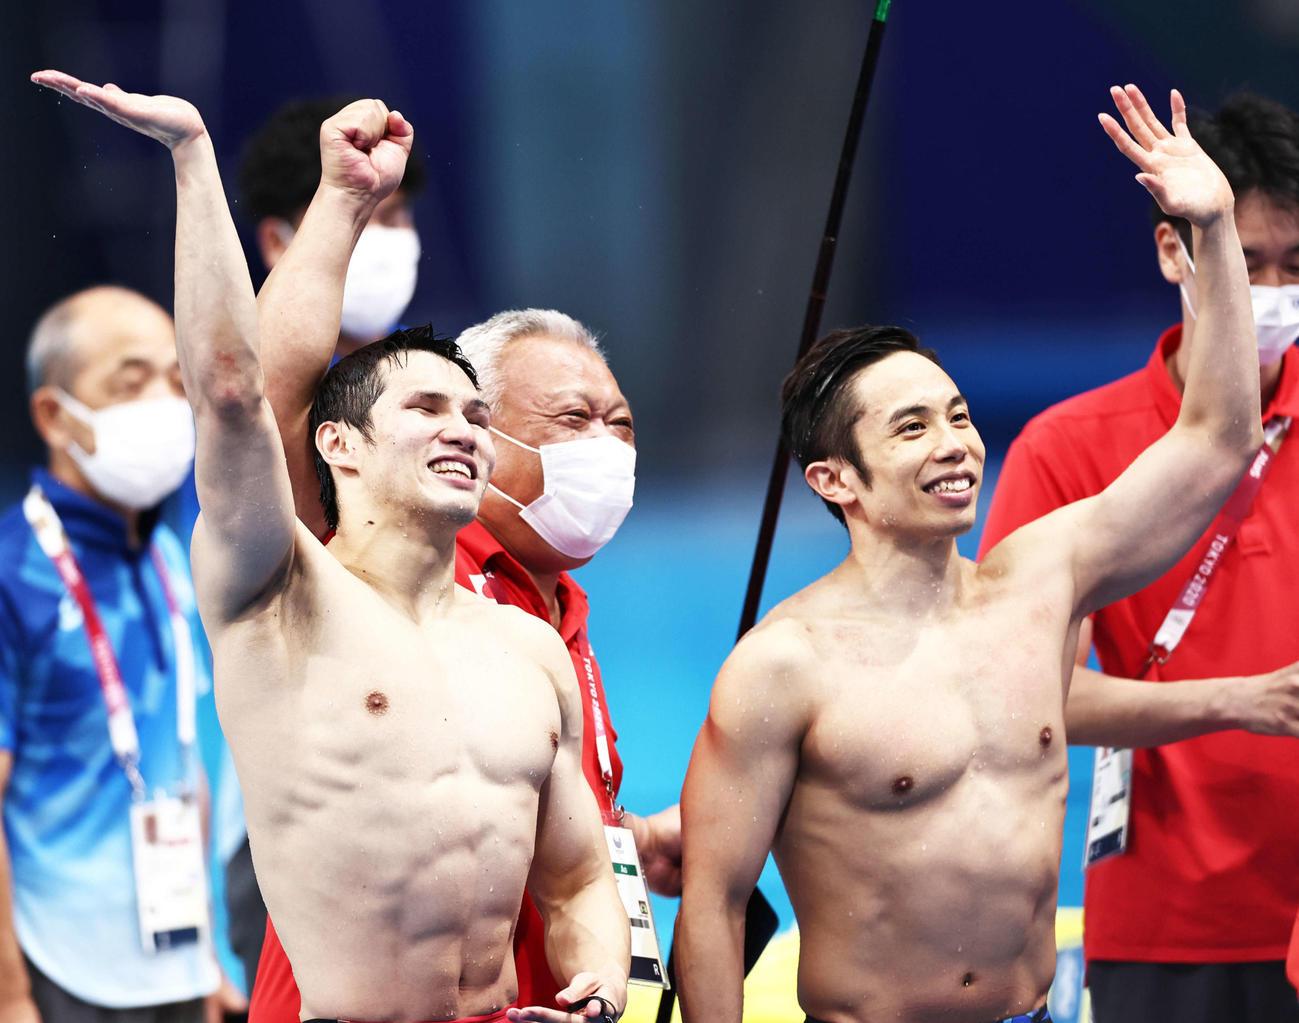 パラ水泳、木村敬一10年越し悲願金 2位富田宇宙とワンツーフィニッシュ